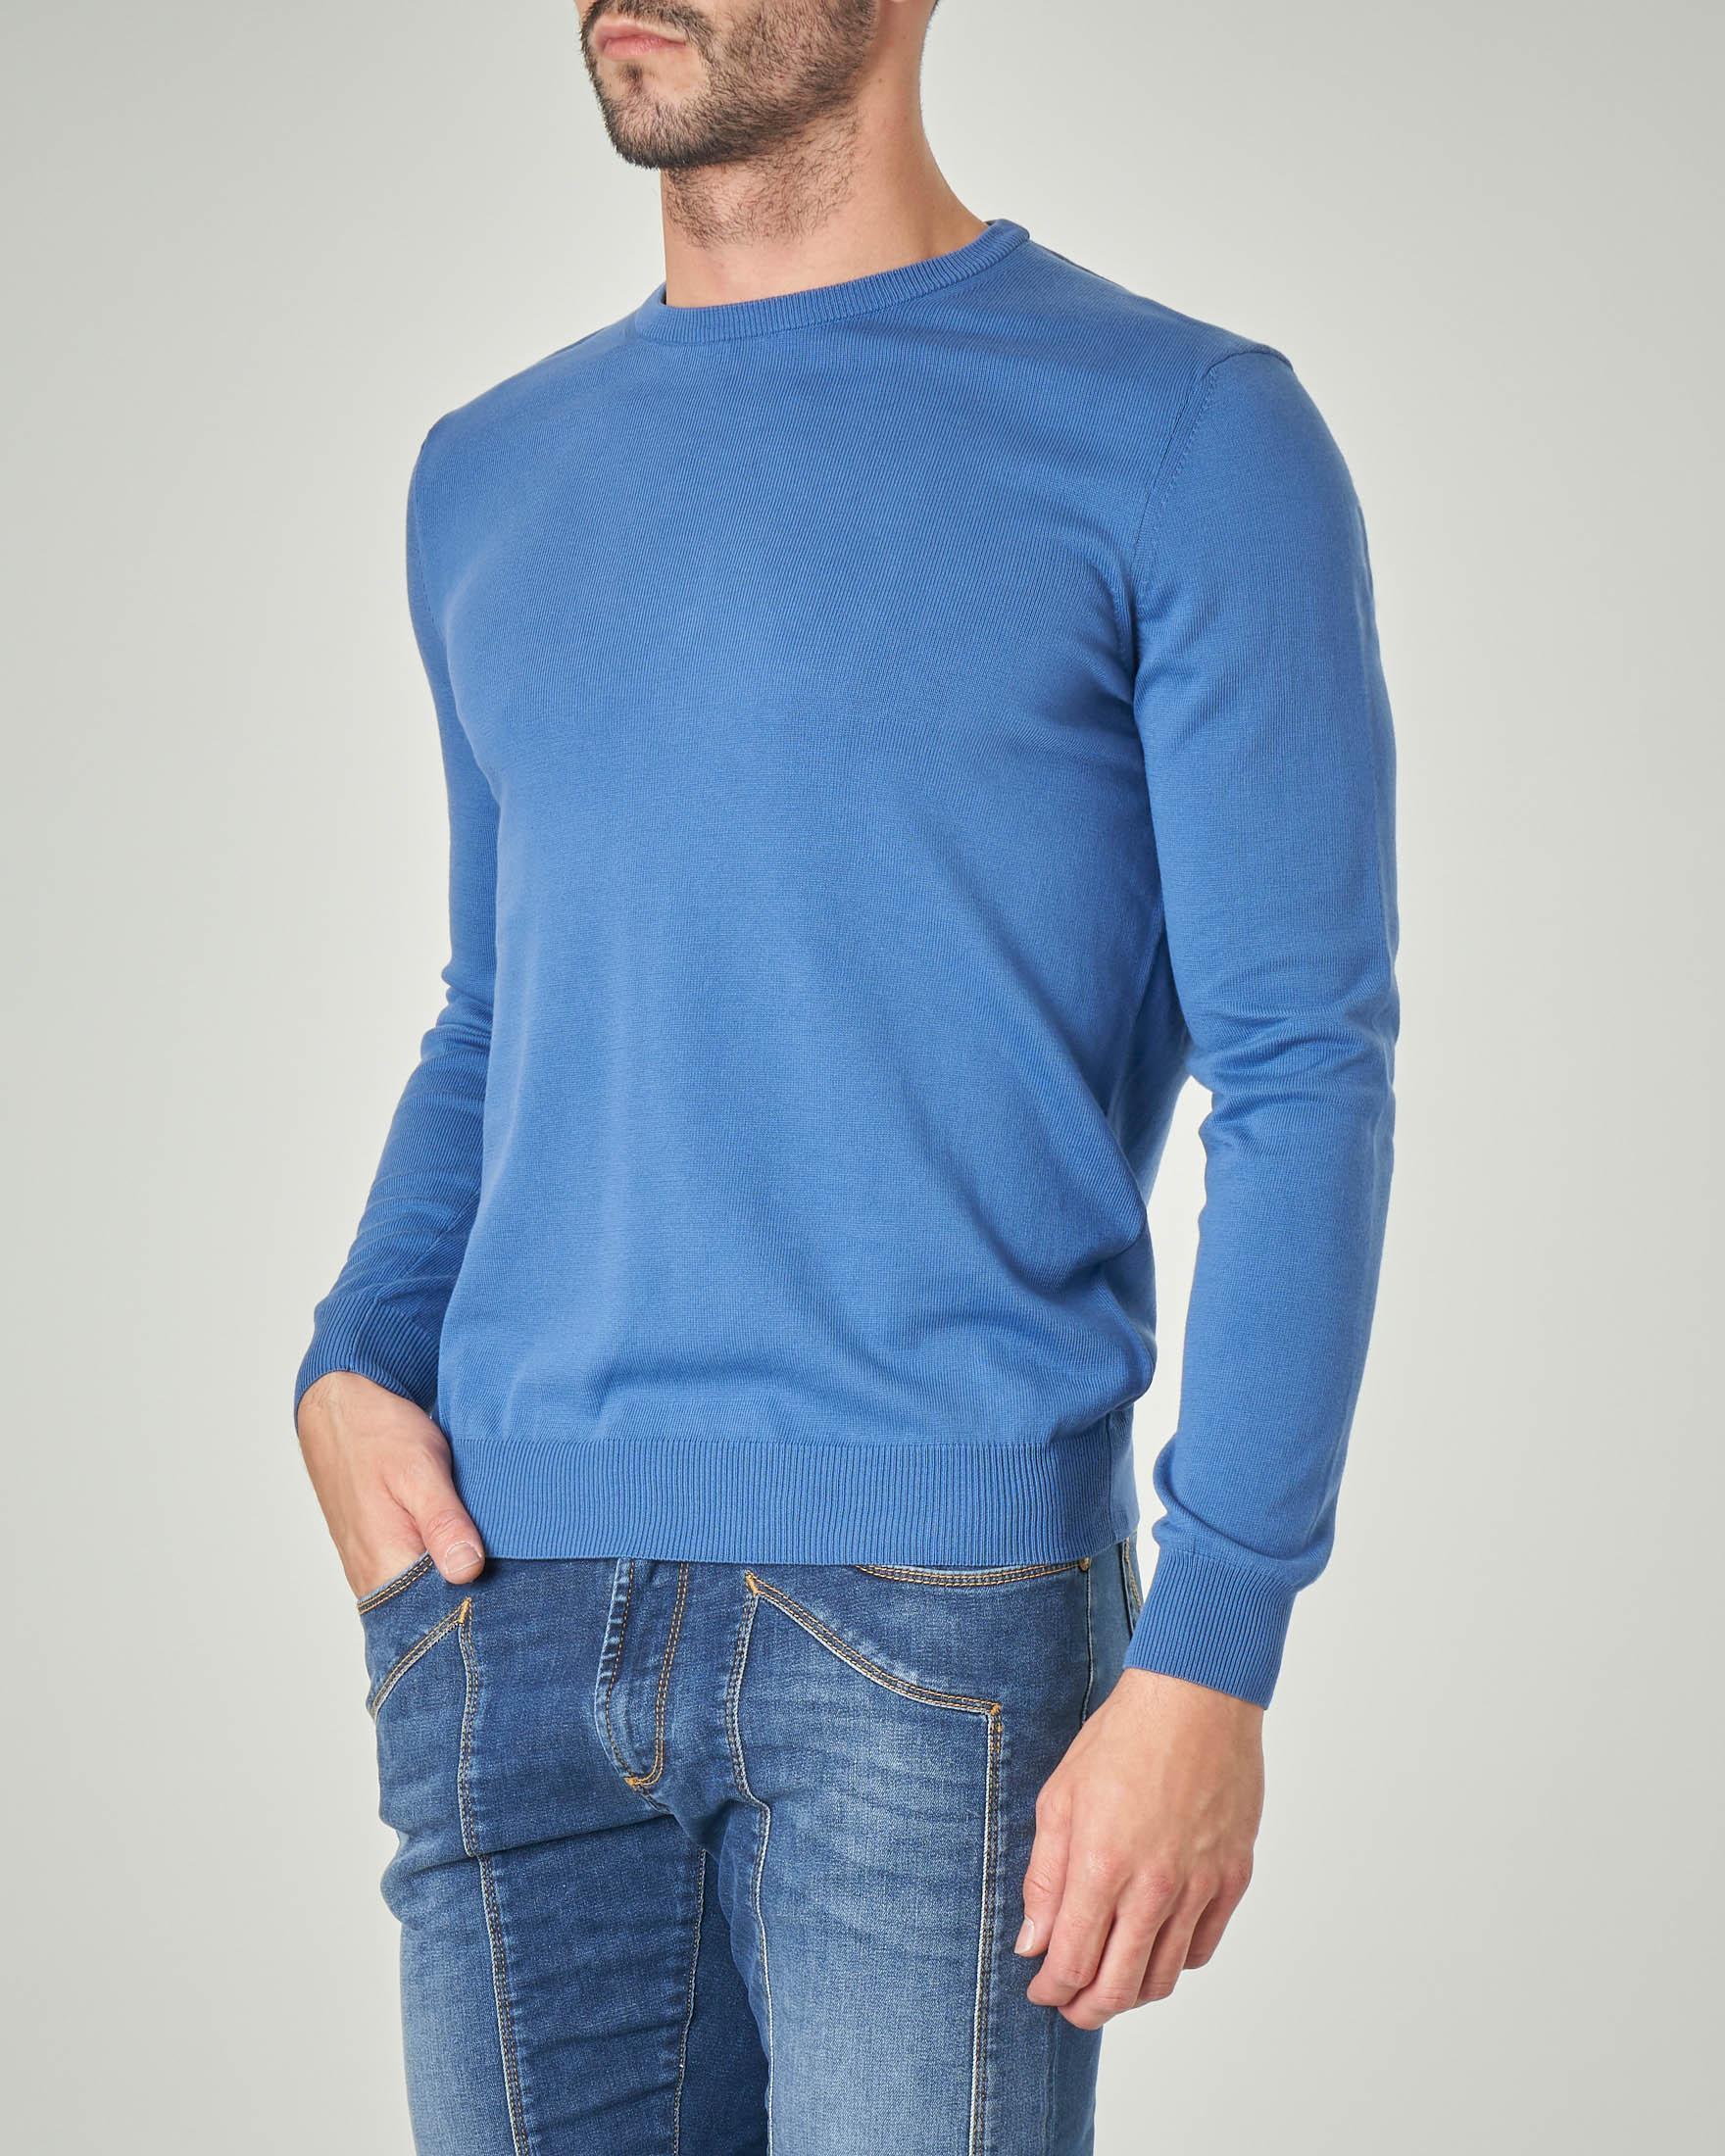 Maglia azzurra girocollo in cotone